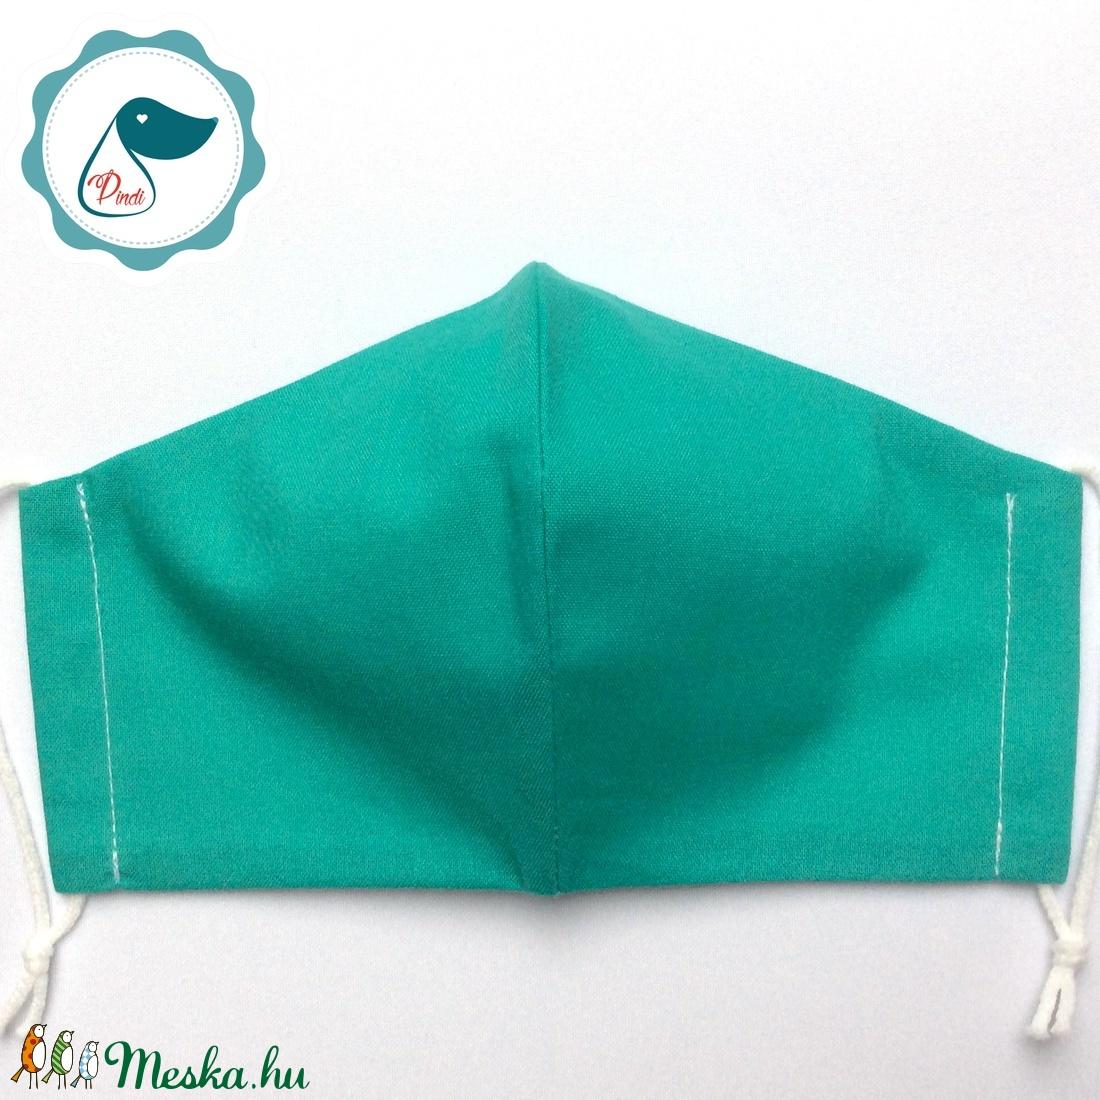 Egyedi egyszínű maszk - férfi arcmaszk - textil szájmaszk - egészségügyi szájmaszk - maszk, arcmaszk - férfi & uniszex - Meska.hu